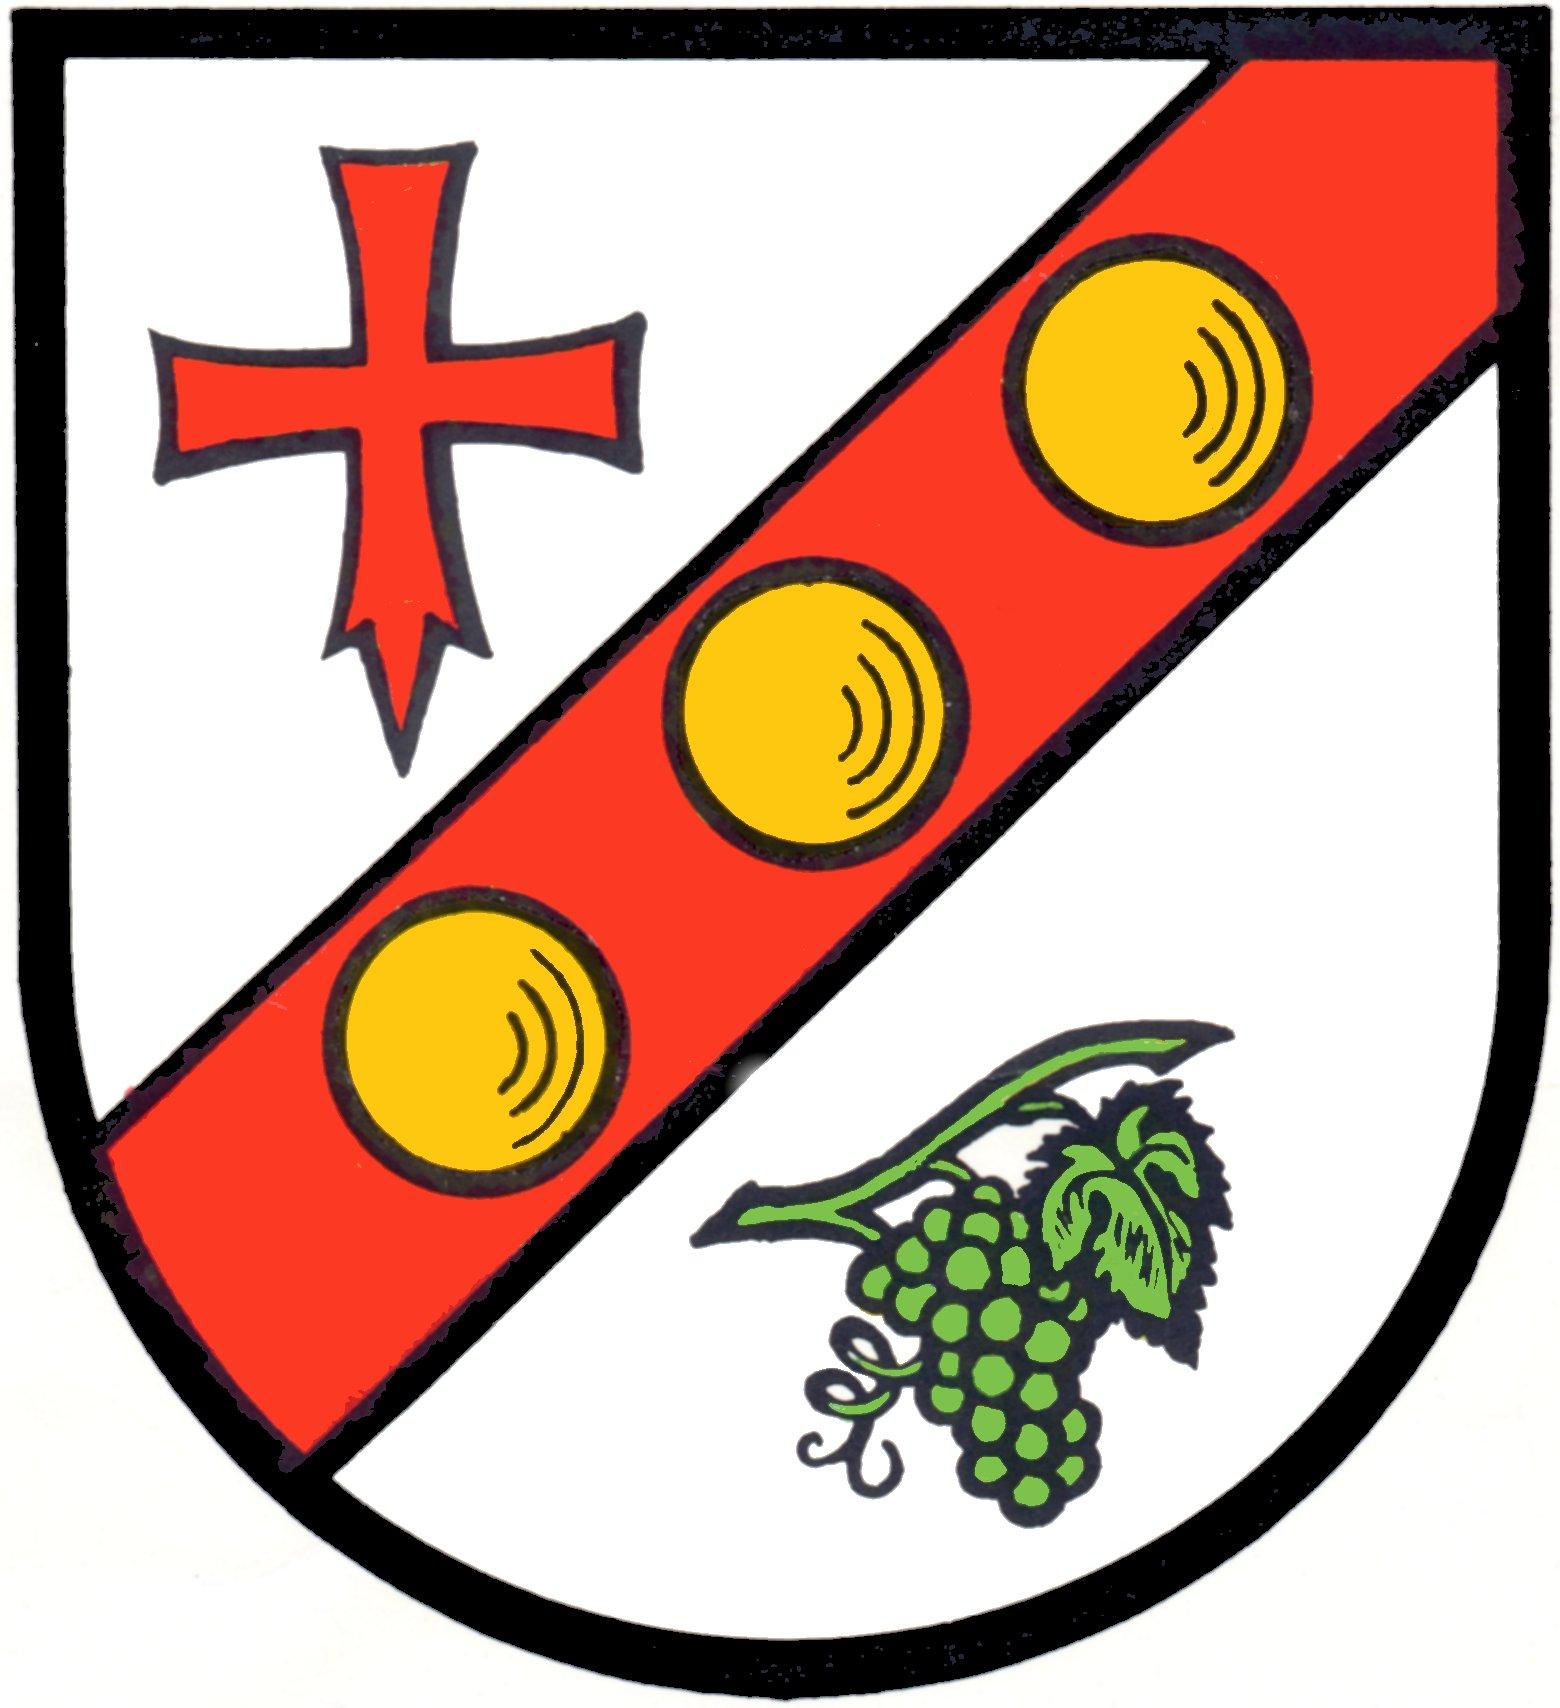 Wappen wawern saar.jpg